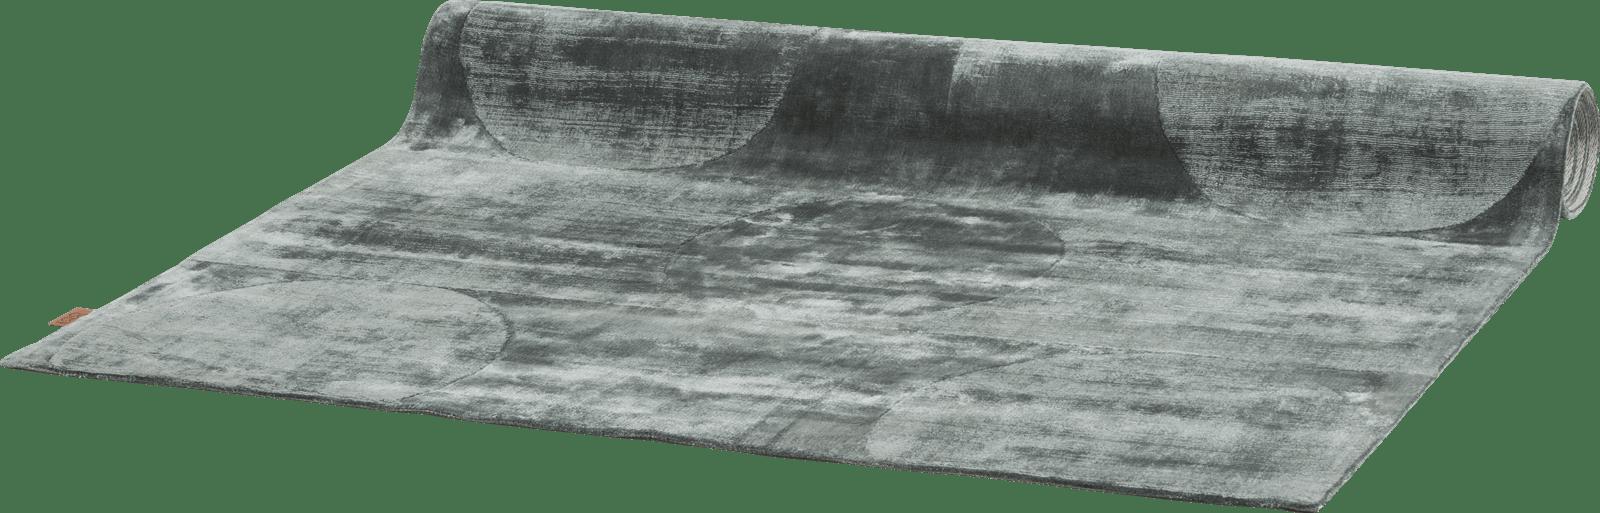 Coco Maison - teppich seaburry - 160 x 230 cm - 100% viscose